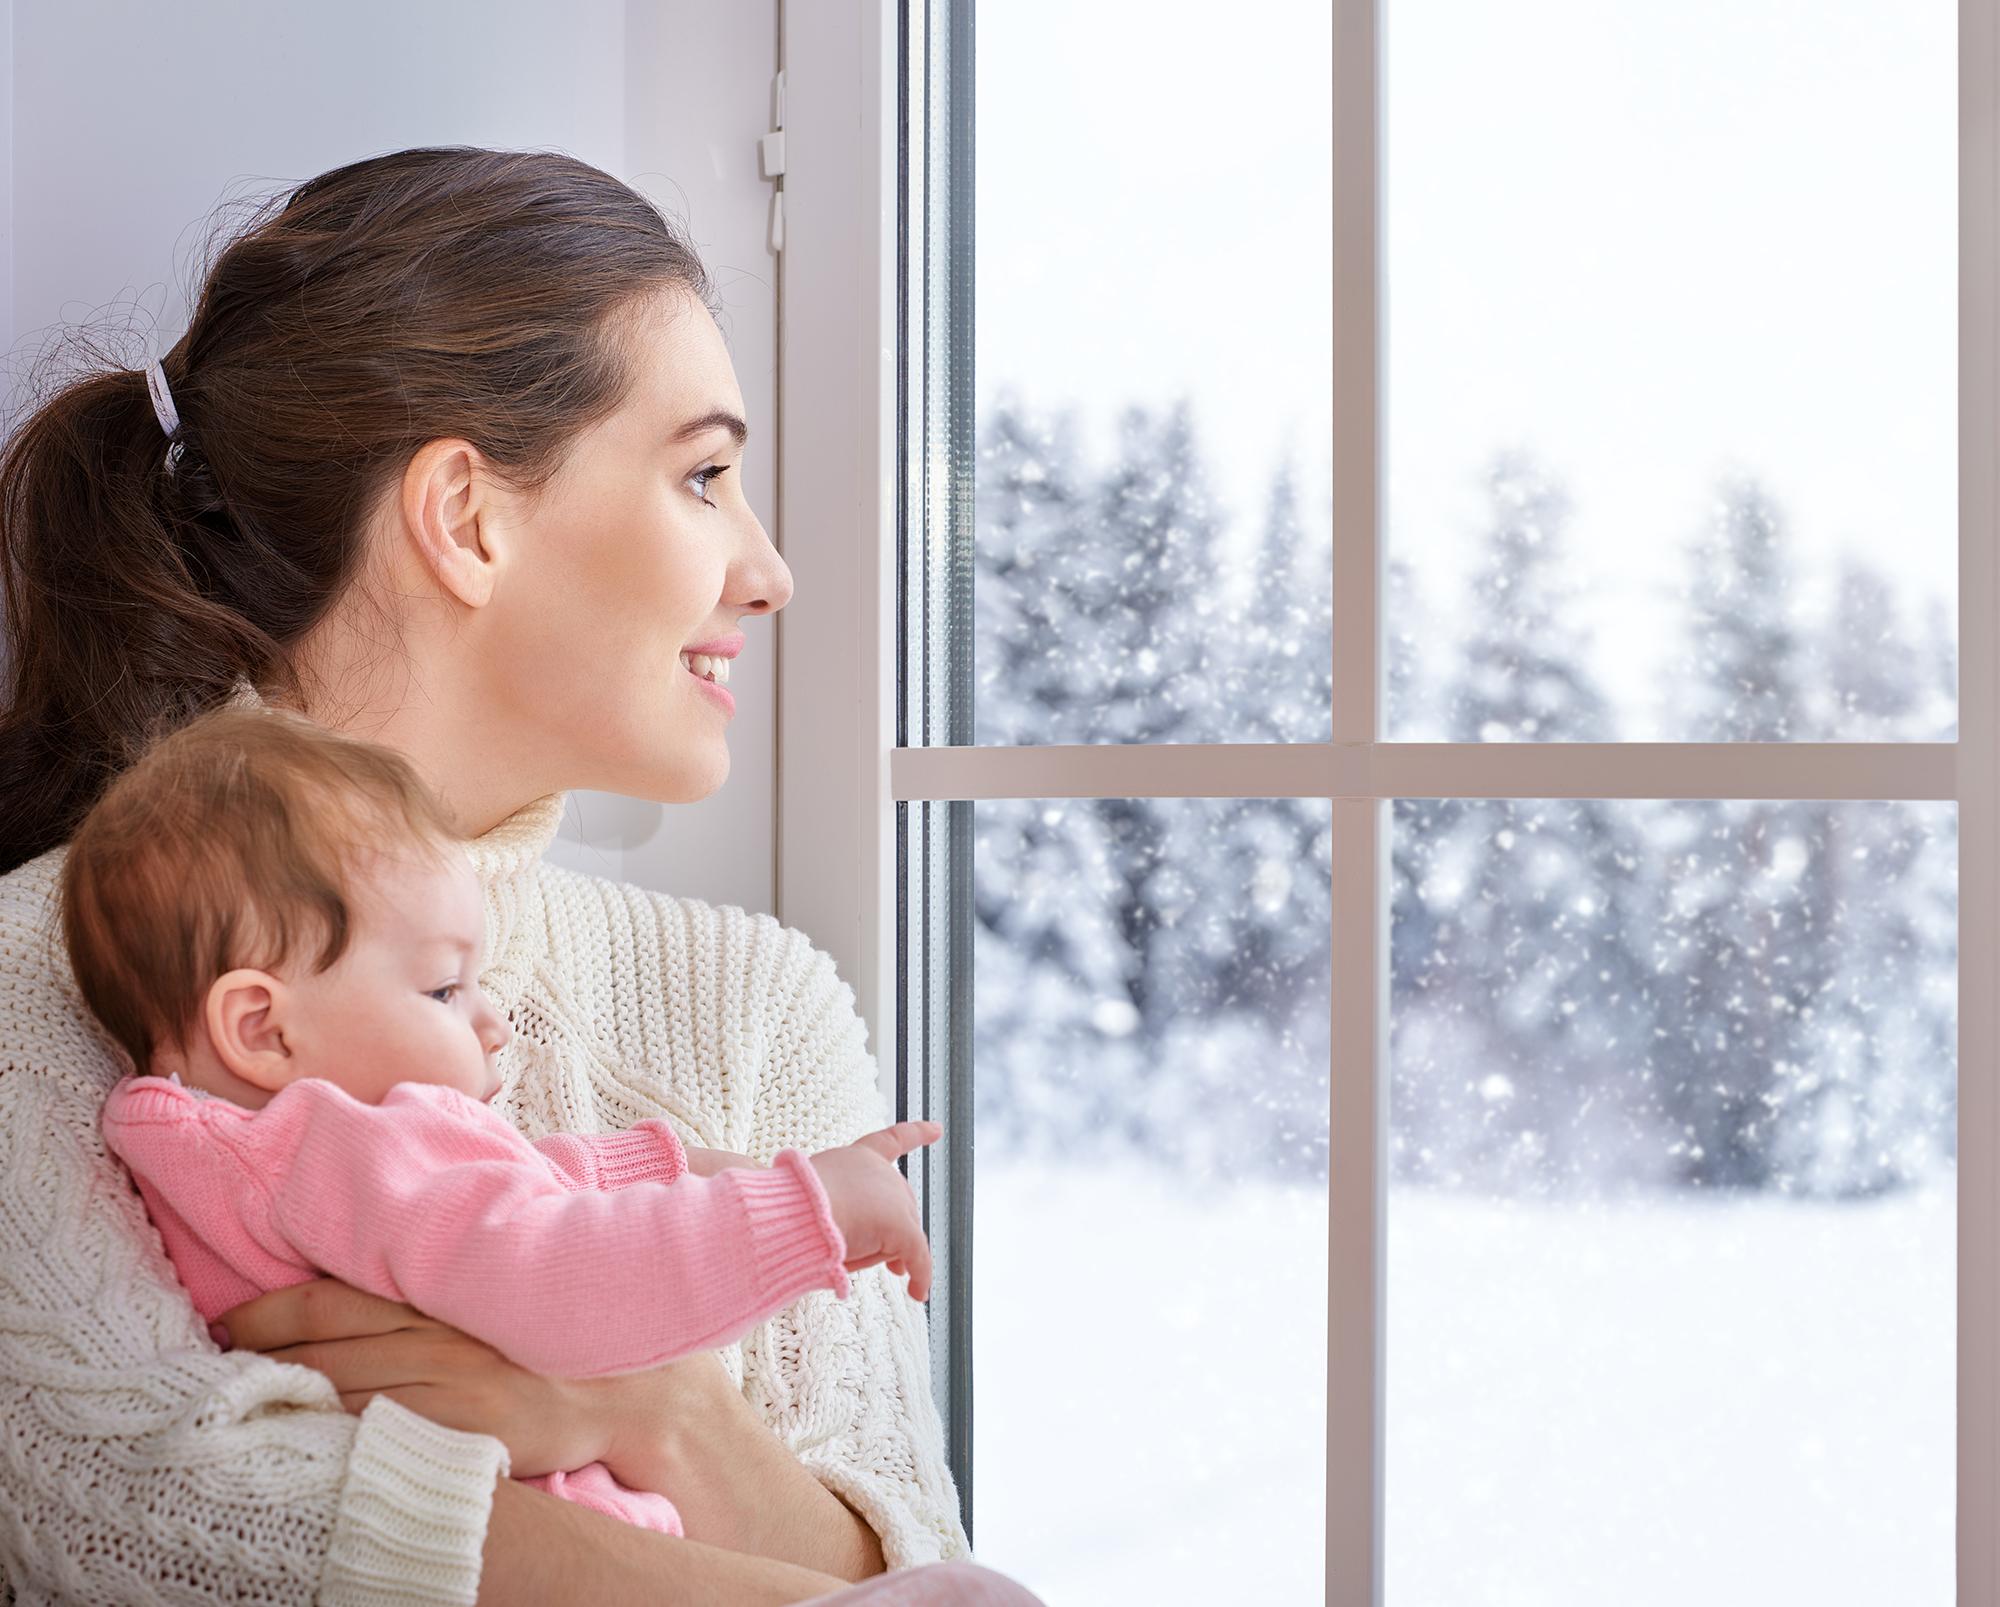 Grafika prezentująca niemowlę oraz jego mamę